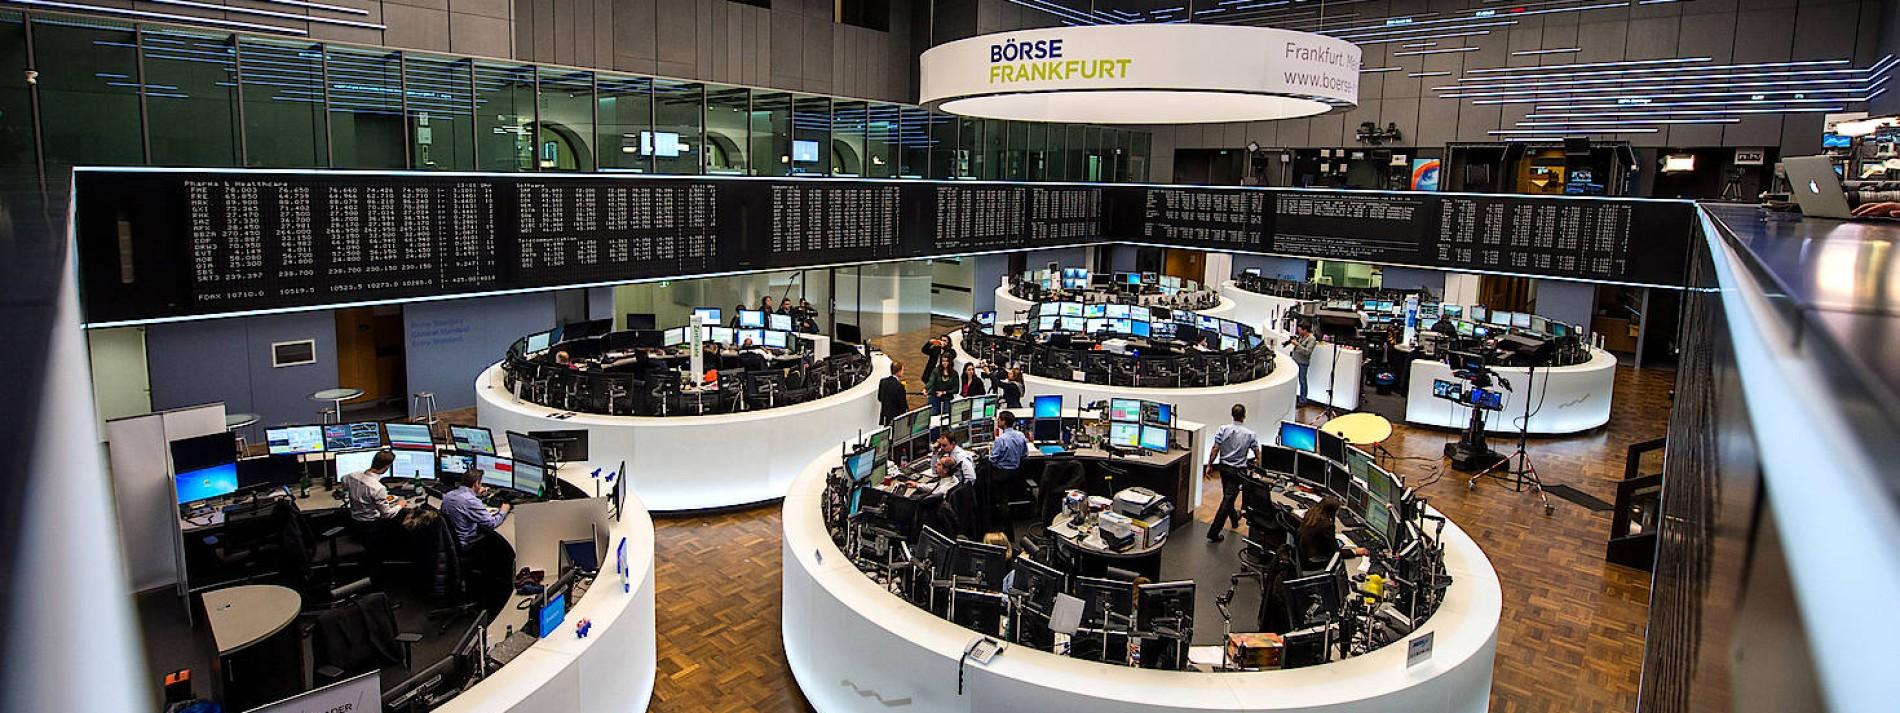 Börsengänge erlösen bisher so viel wie im Boomjahr 2000